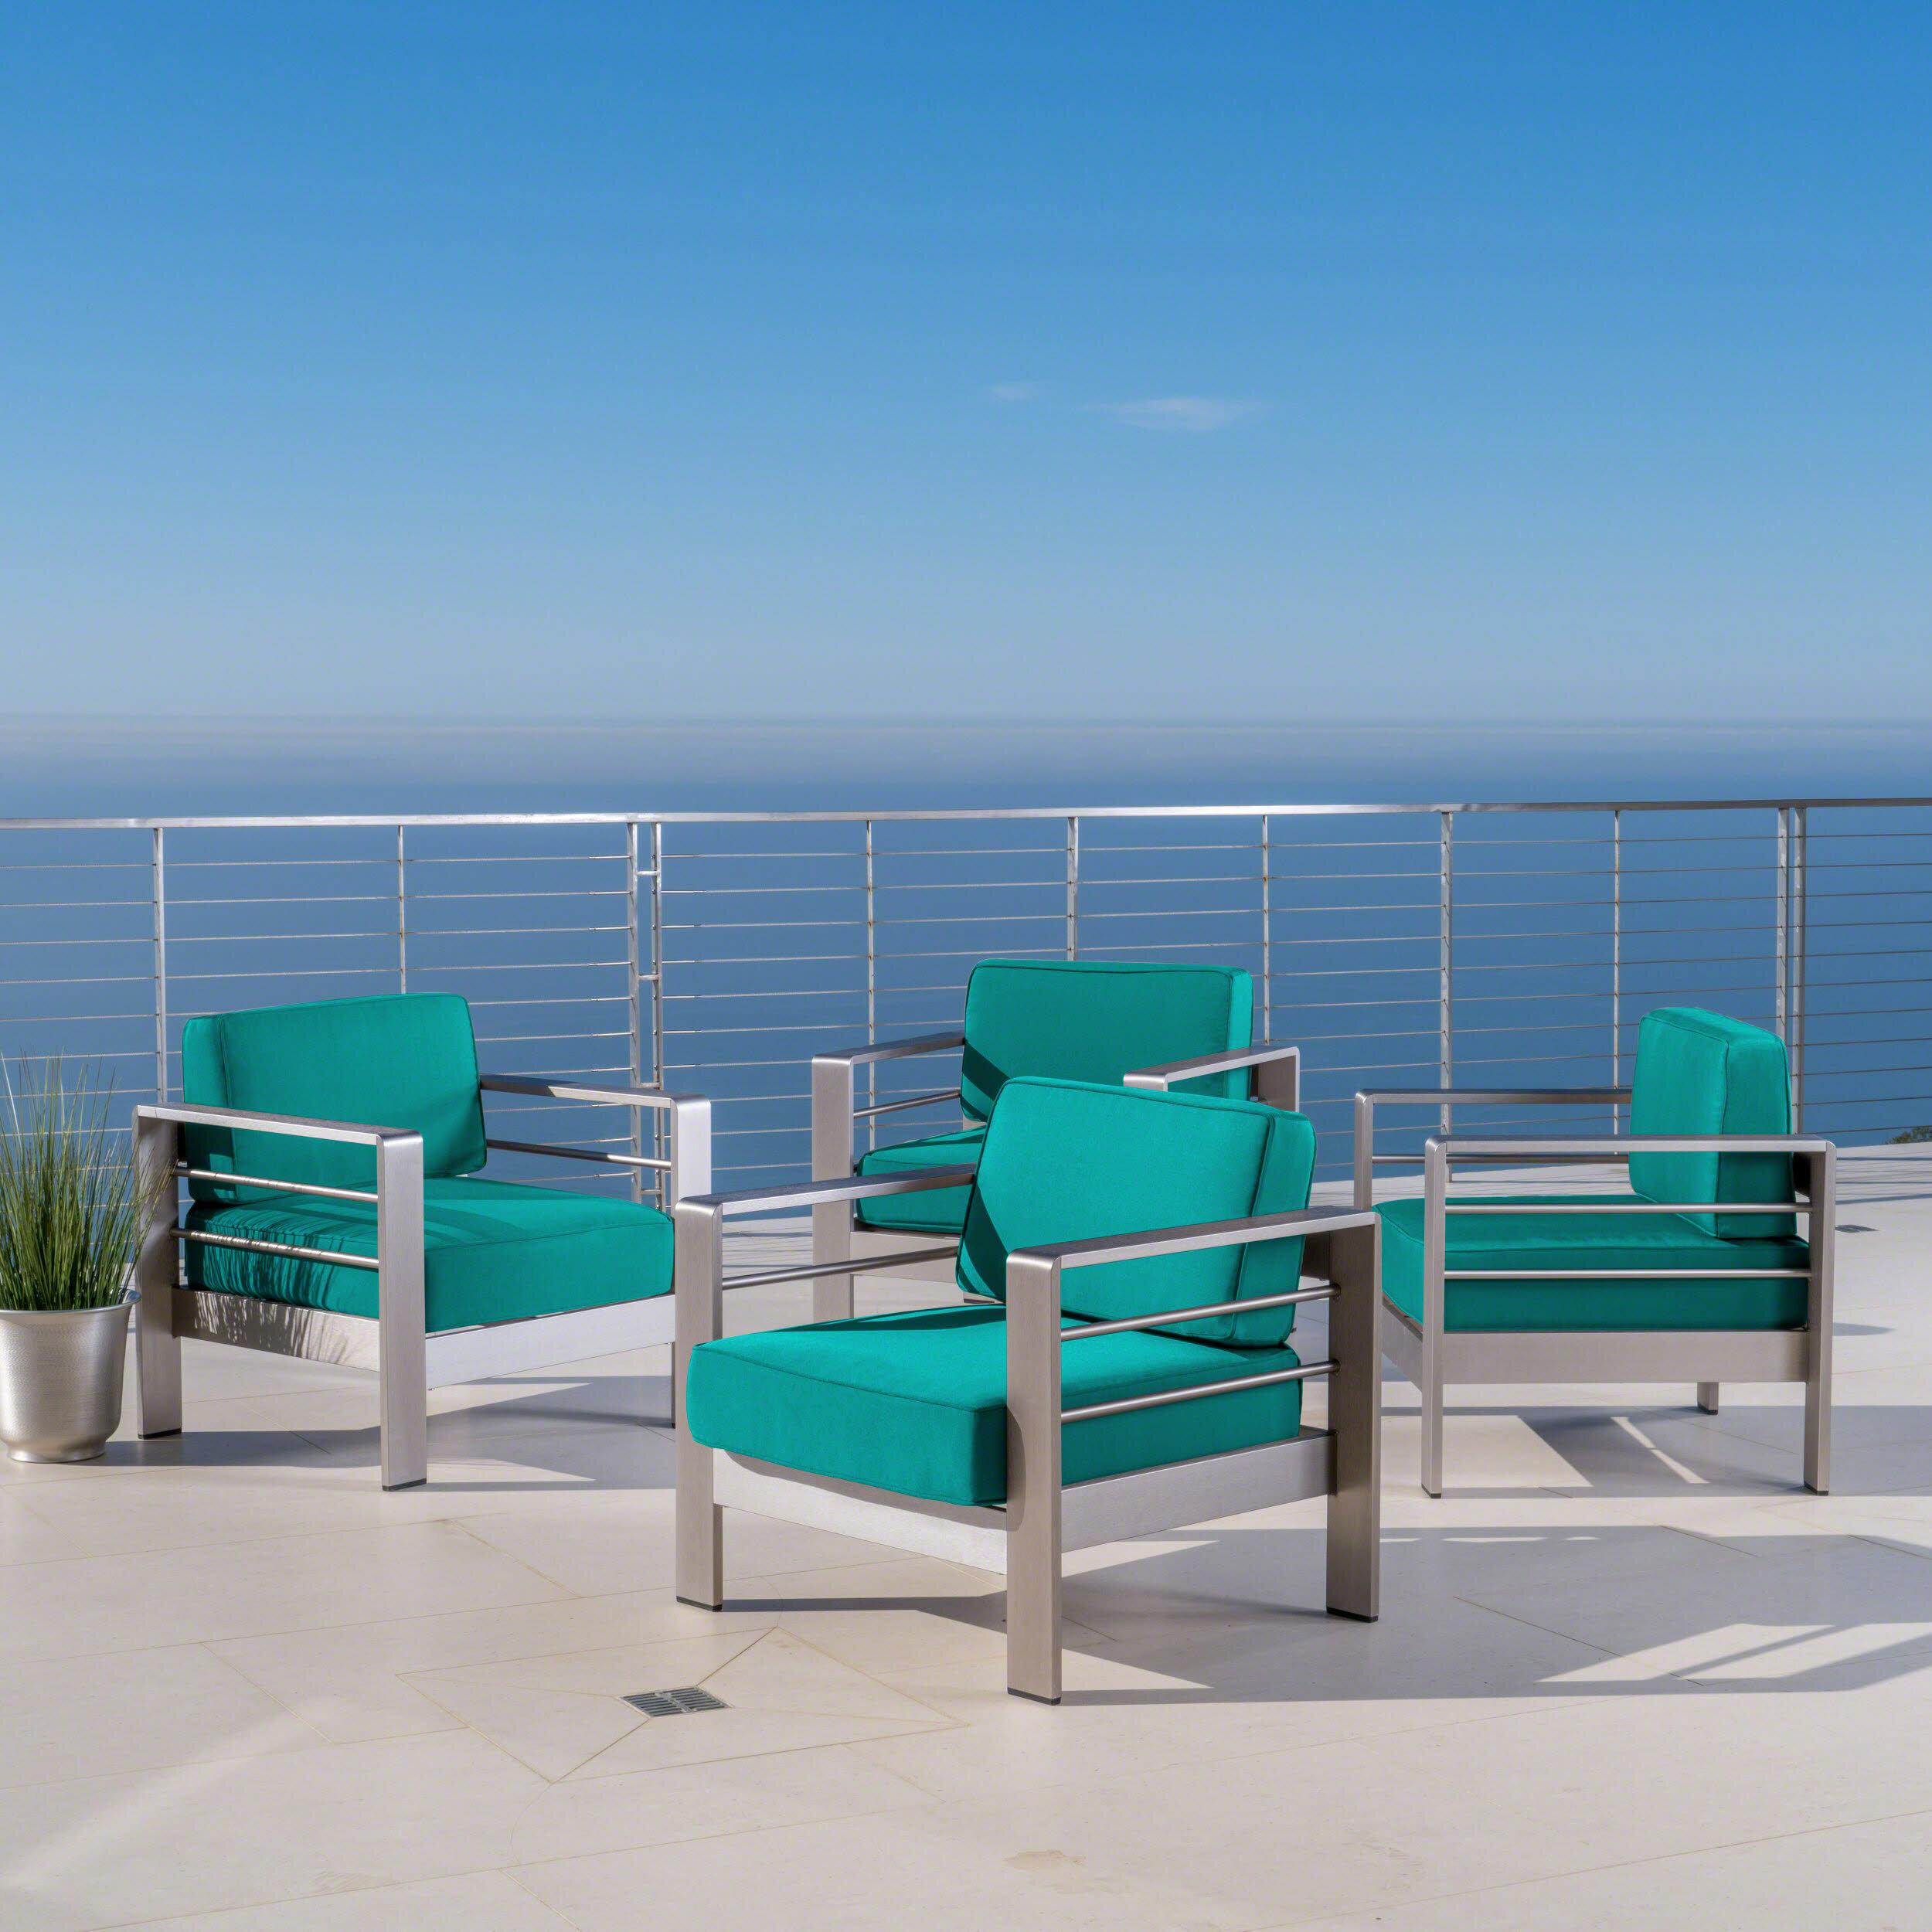 Orren ellis elwyn patio chair with sunbrella cushions wayfair